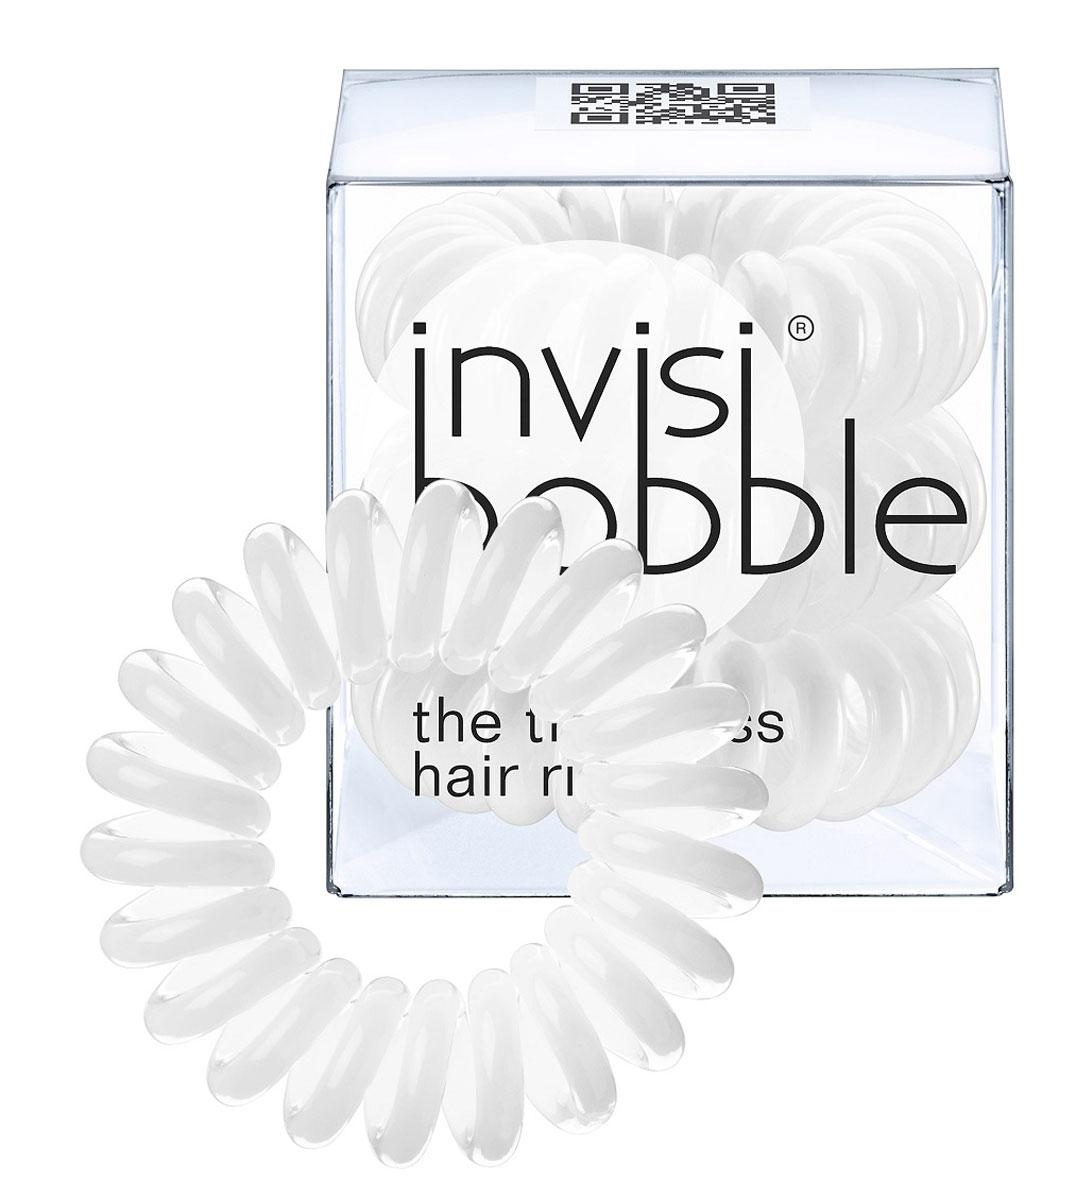 Invisibobble Резинка-браслет для волос Innocent White, 3 штSatin Hair 7 BR730MNОригинальные резинки-браслеты Invisibobble в форме телефонного шнура, созданные в Германии.Резинки-браслеты Invisibobble подходят для всех типов волос, надежно фиксируют прическу, не оставляют заломов и не вызывают головную боль благодаря неравномерному распределению давления на волосы. Кроме того, они не намокают и не вызывают аллергию при контакте с кожей, поскольку изготовлены из искусственной смолы. Резинка-браслет Invisibobble черного цвета.C резинками Invisibobble можно легко создавать разнообразные прически. Резинки прочно держат волосы любой длины, при этом, не стягивая их слишком туго. Телефонный провод позволяет с легкостью и без вреда для волос протягивать пряди под спираль и ослаблять уже закрепленные для придания объема прическе. Invisibobble Original идеально подходят для ежедневного применения.Не комедогенна.